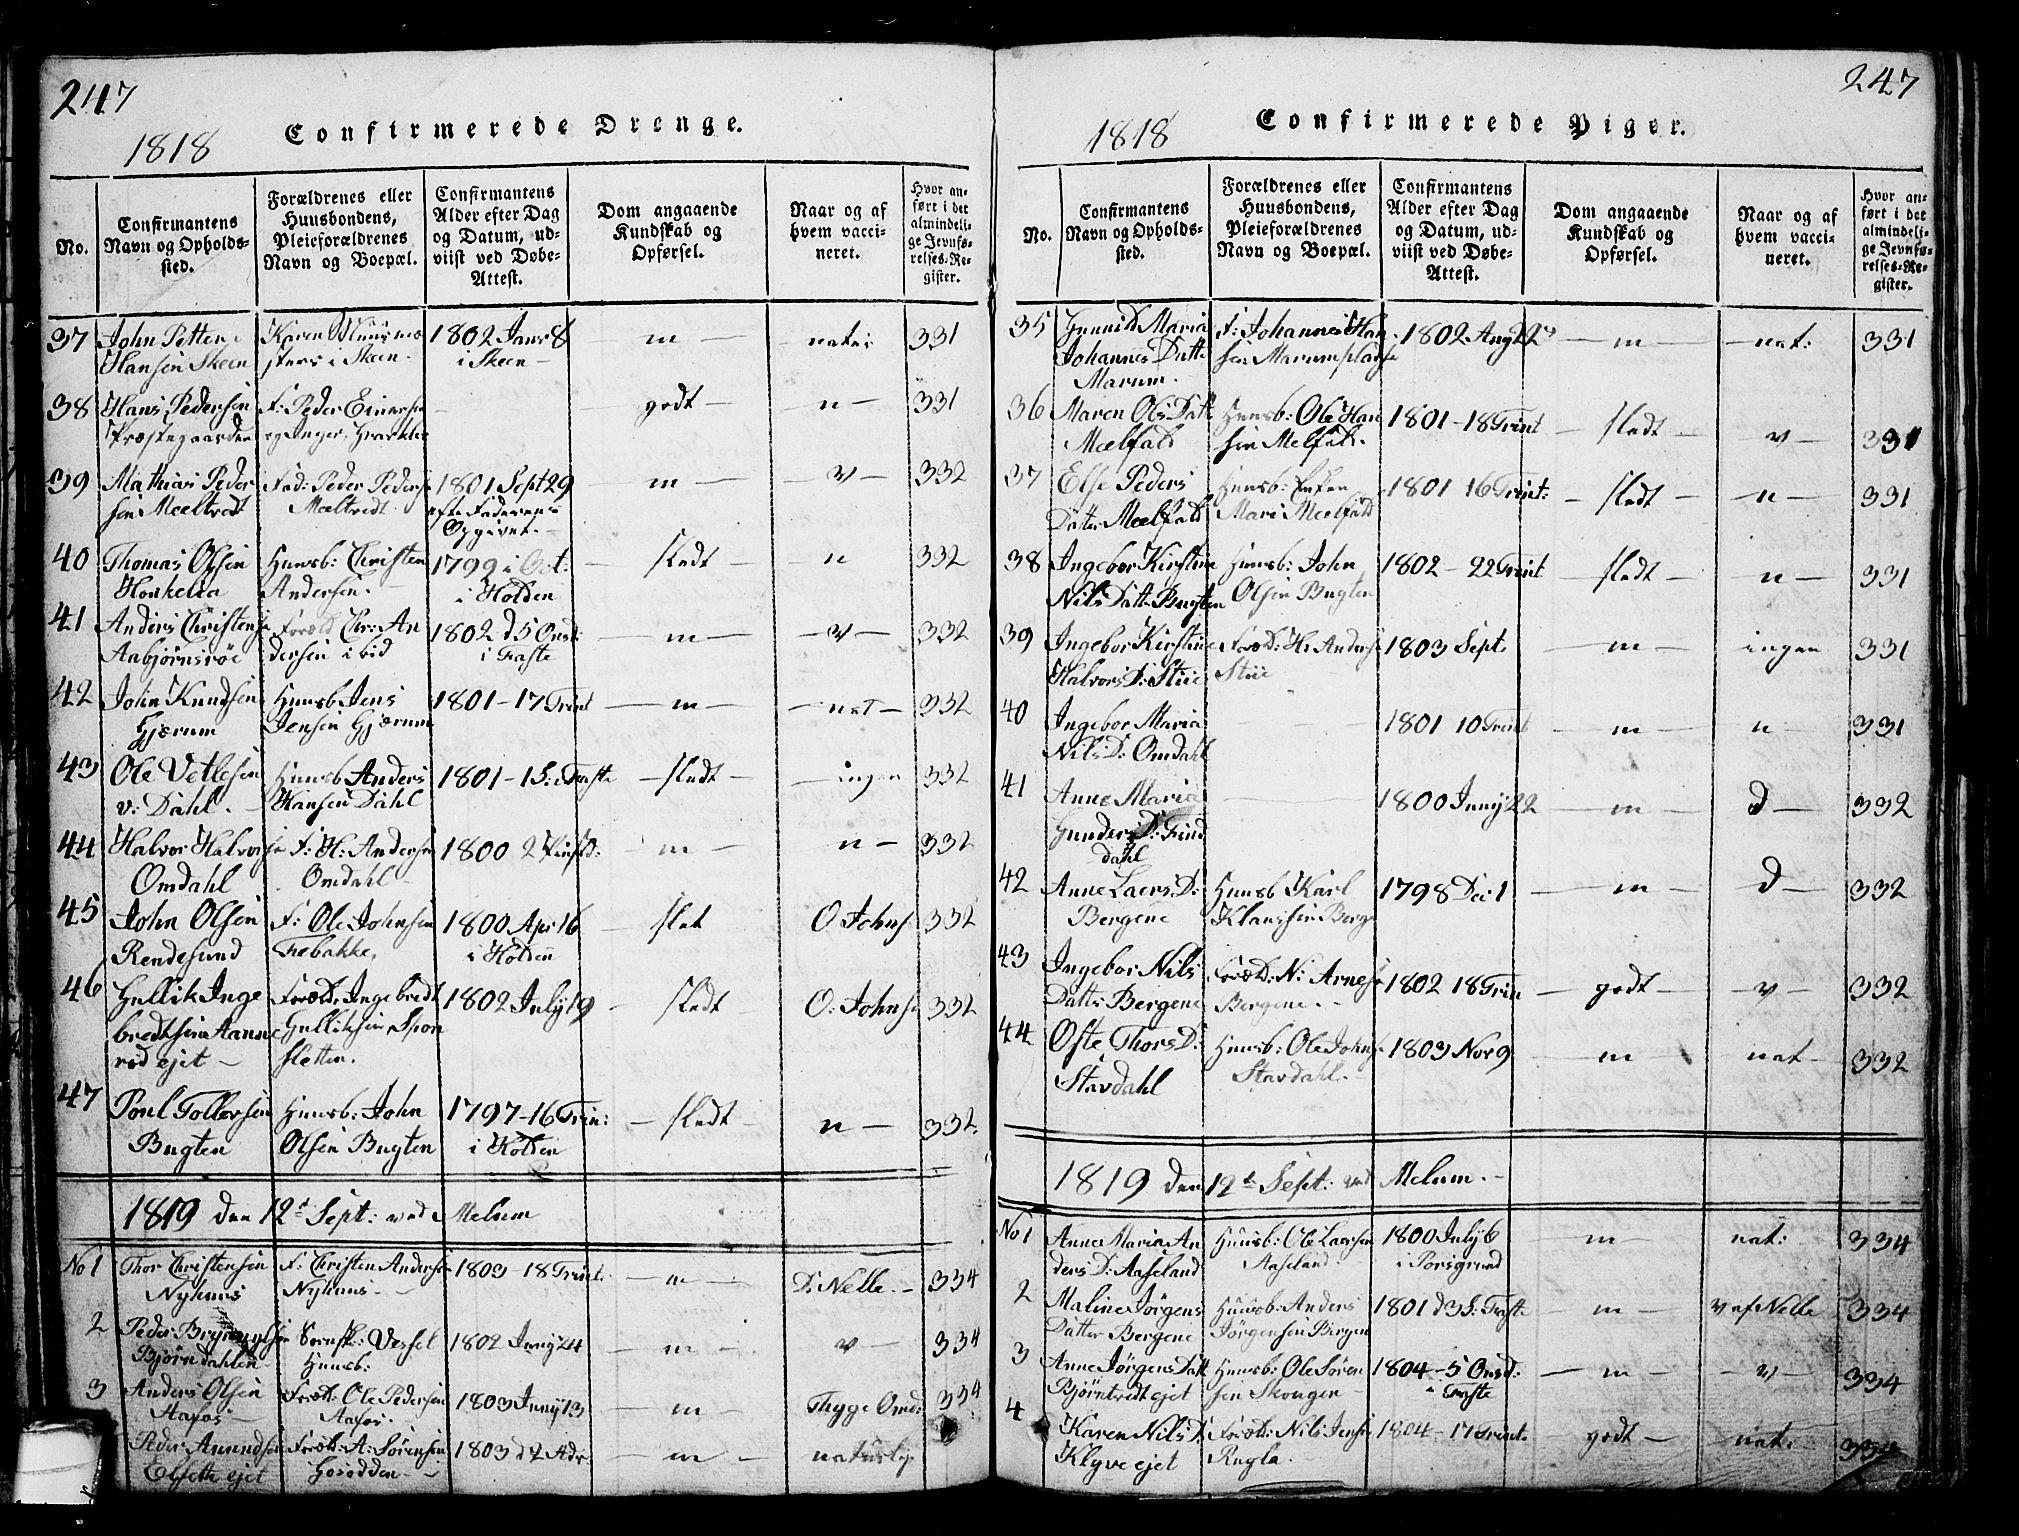 SAKO, Solum kirkebøker, G/Ga/L0001: Klokkerbok nr. I 1, 1814-1833, s. 247